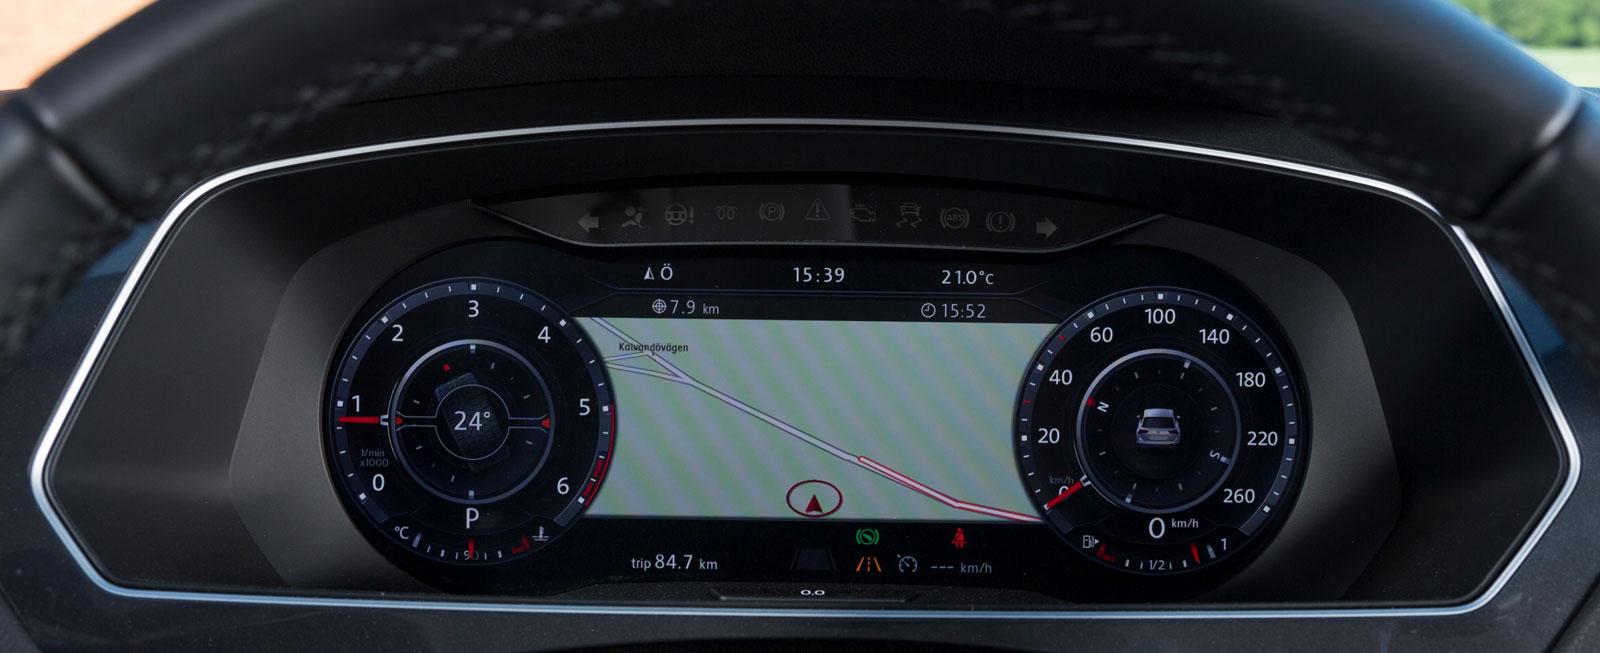 I Tiguan kan man mot tillägg få den suveräna möjligheten att få en bra bit av navigatorns kartbild mellan mätarna. Inget nytt för VW men attans bra när man letar efter rätt väg.